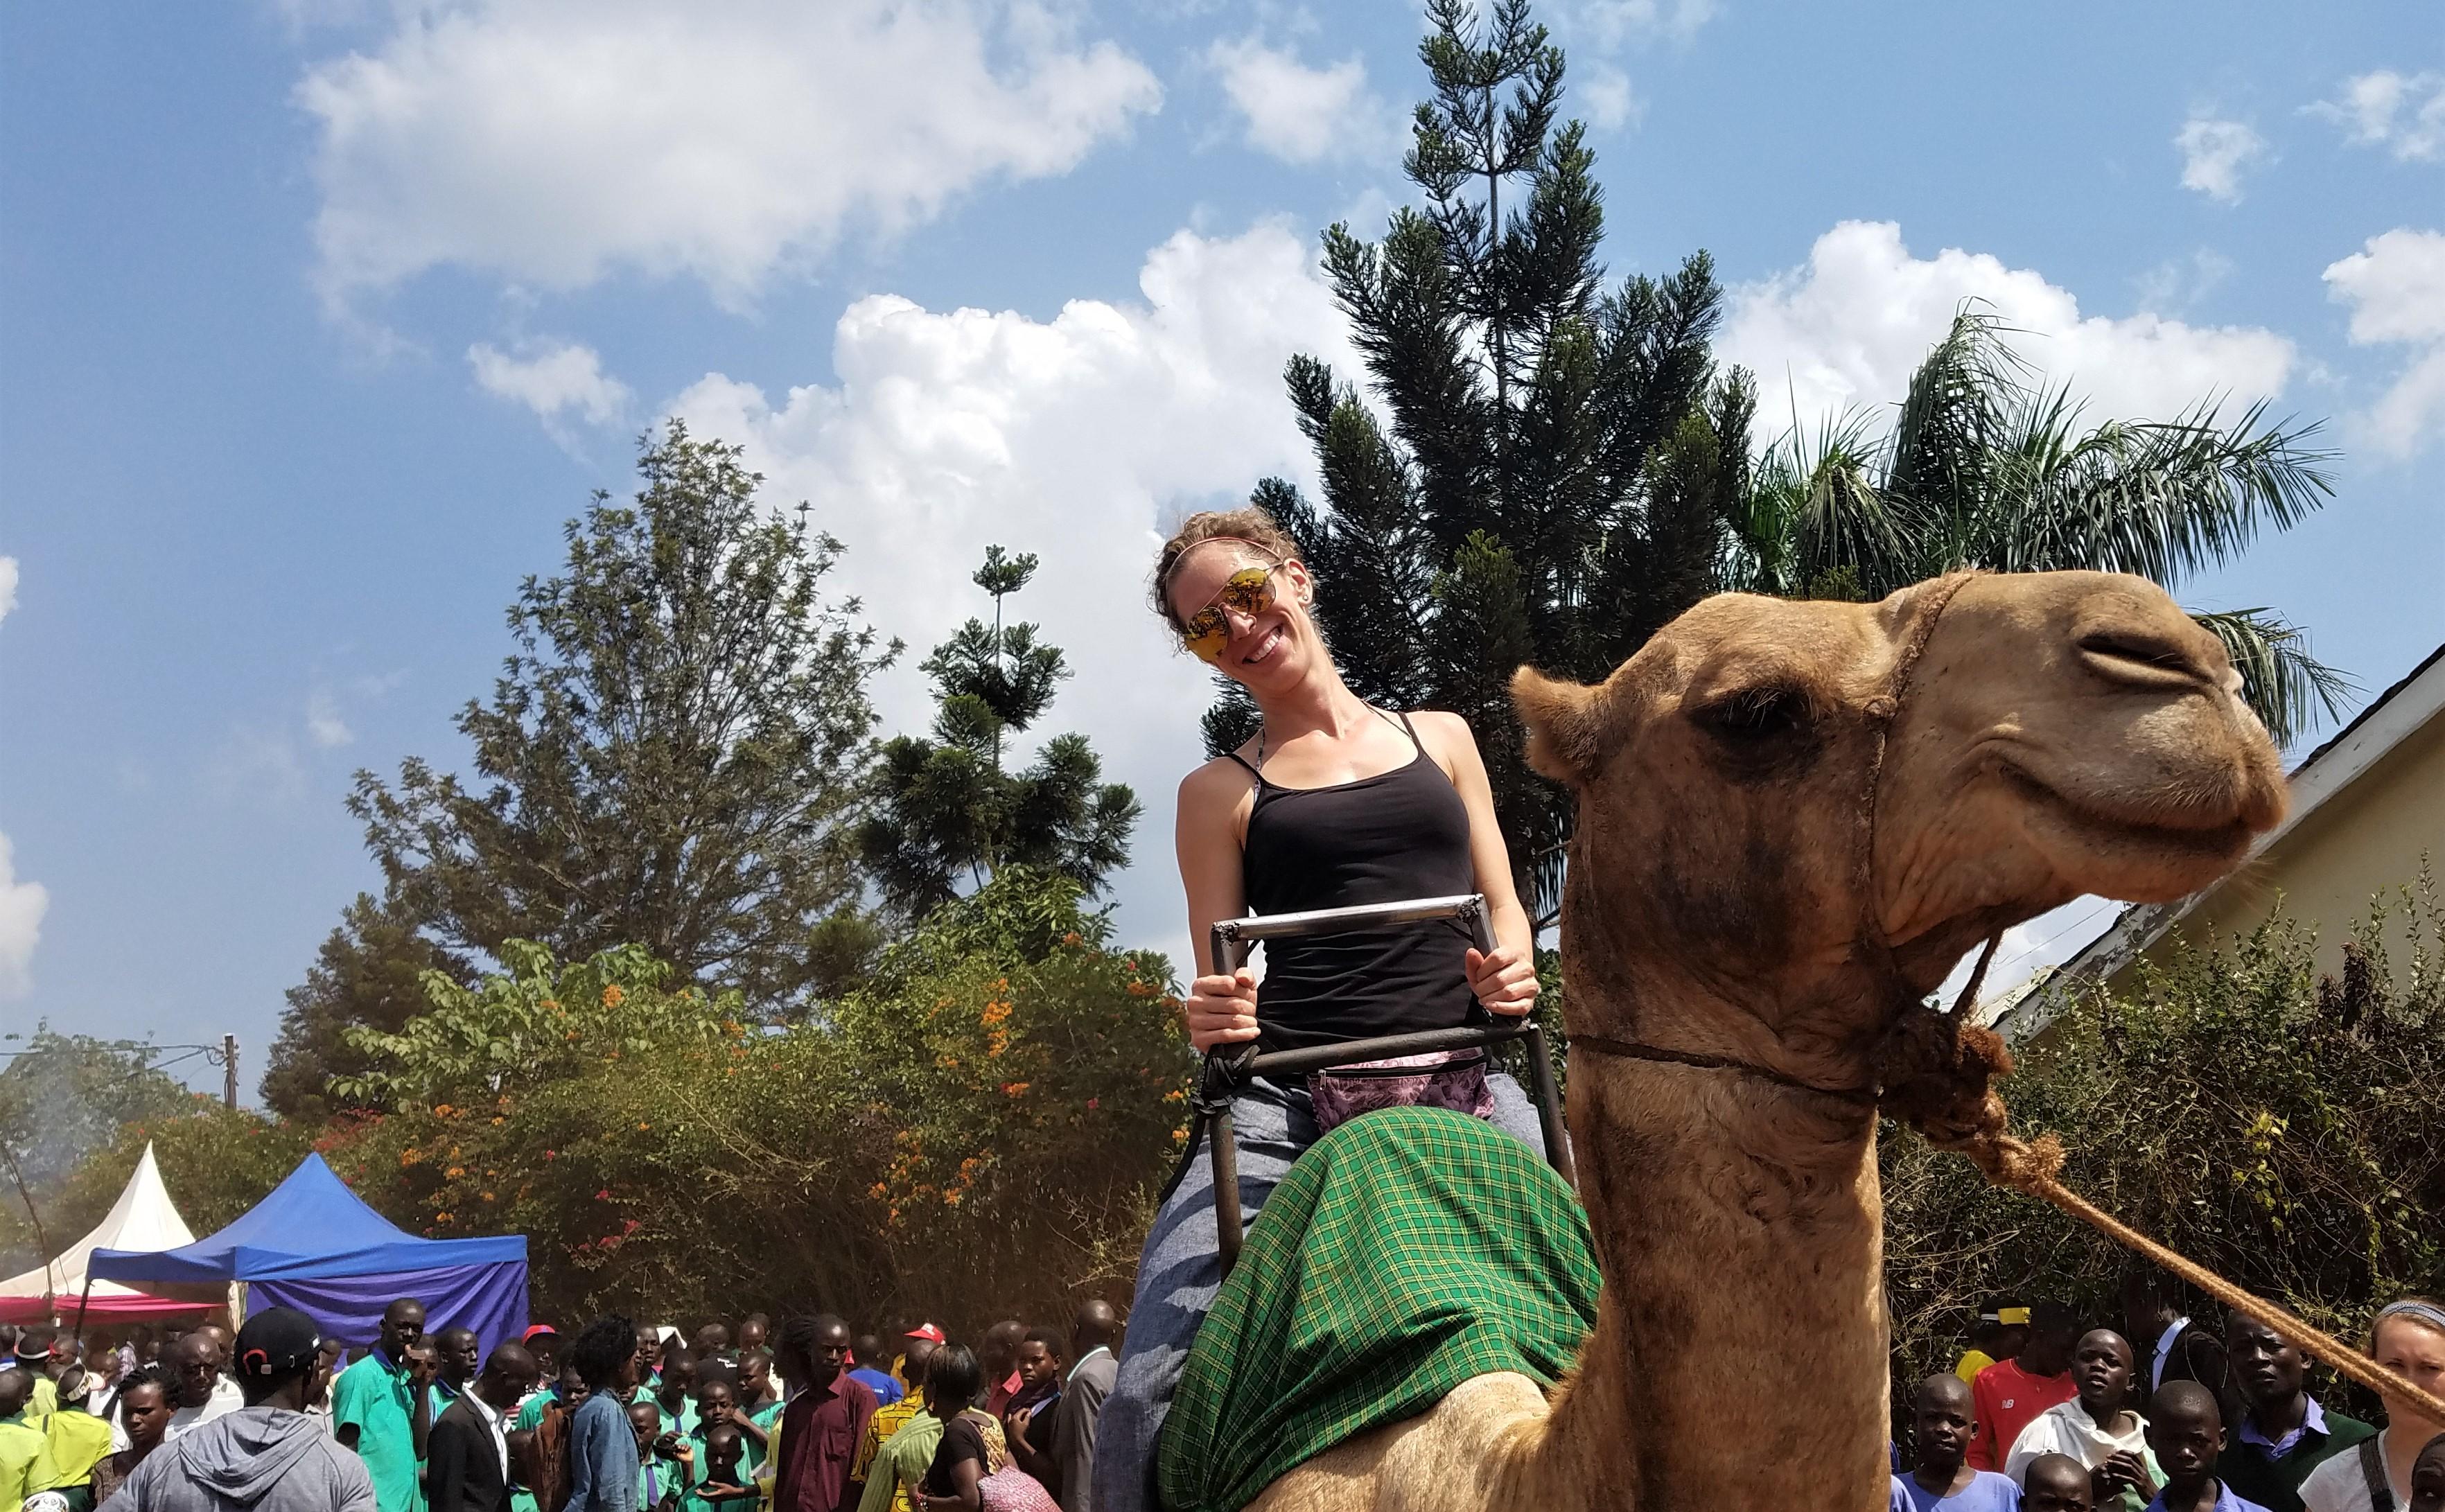 Jinja, Uganda, East Africa, Camel Ride, Agricultural Show